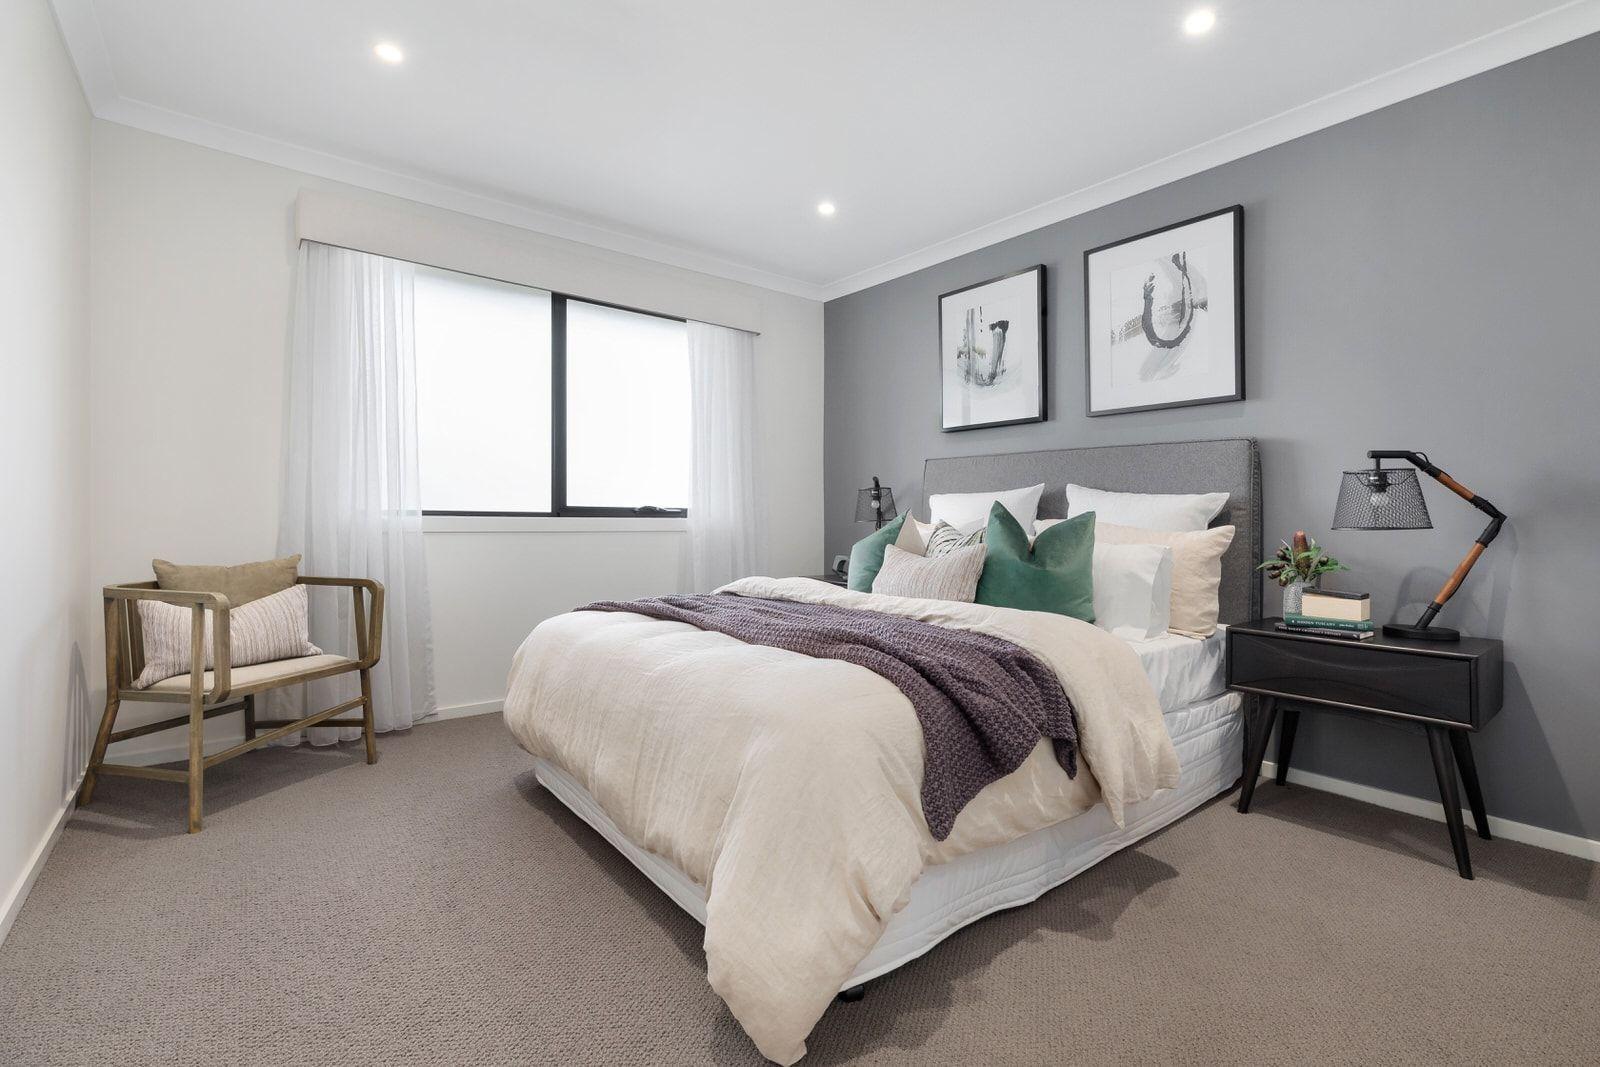 So Stylen Sie Ein Bett Mit Kissen Kissen Und Uberwurfen Bett Ein Kissen Mit Sie Stylen Uberwu In 2020 Feature Wall Bedroom Light Gray Bedroom Gray Bedroom Walls